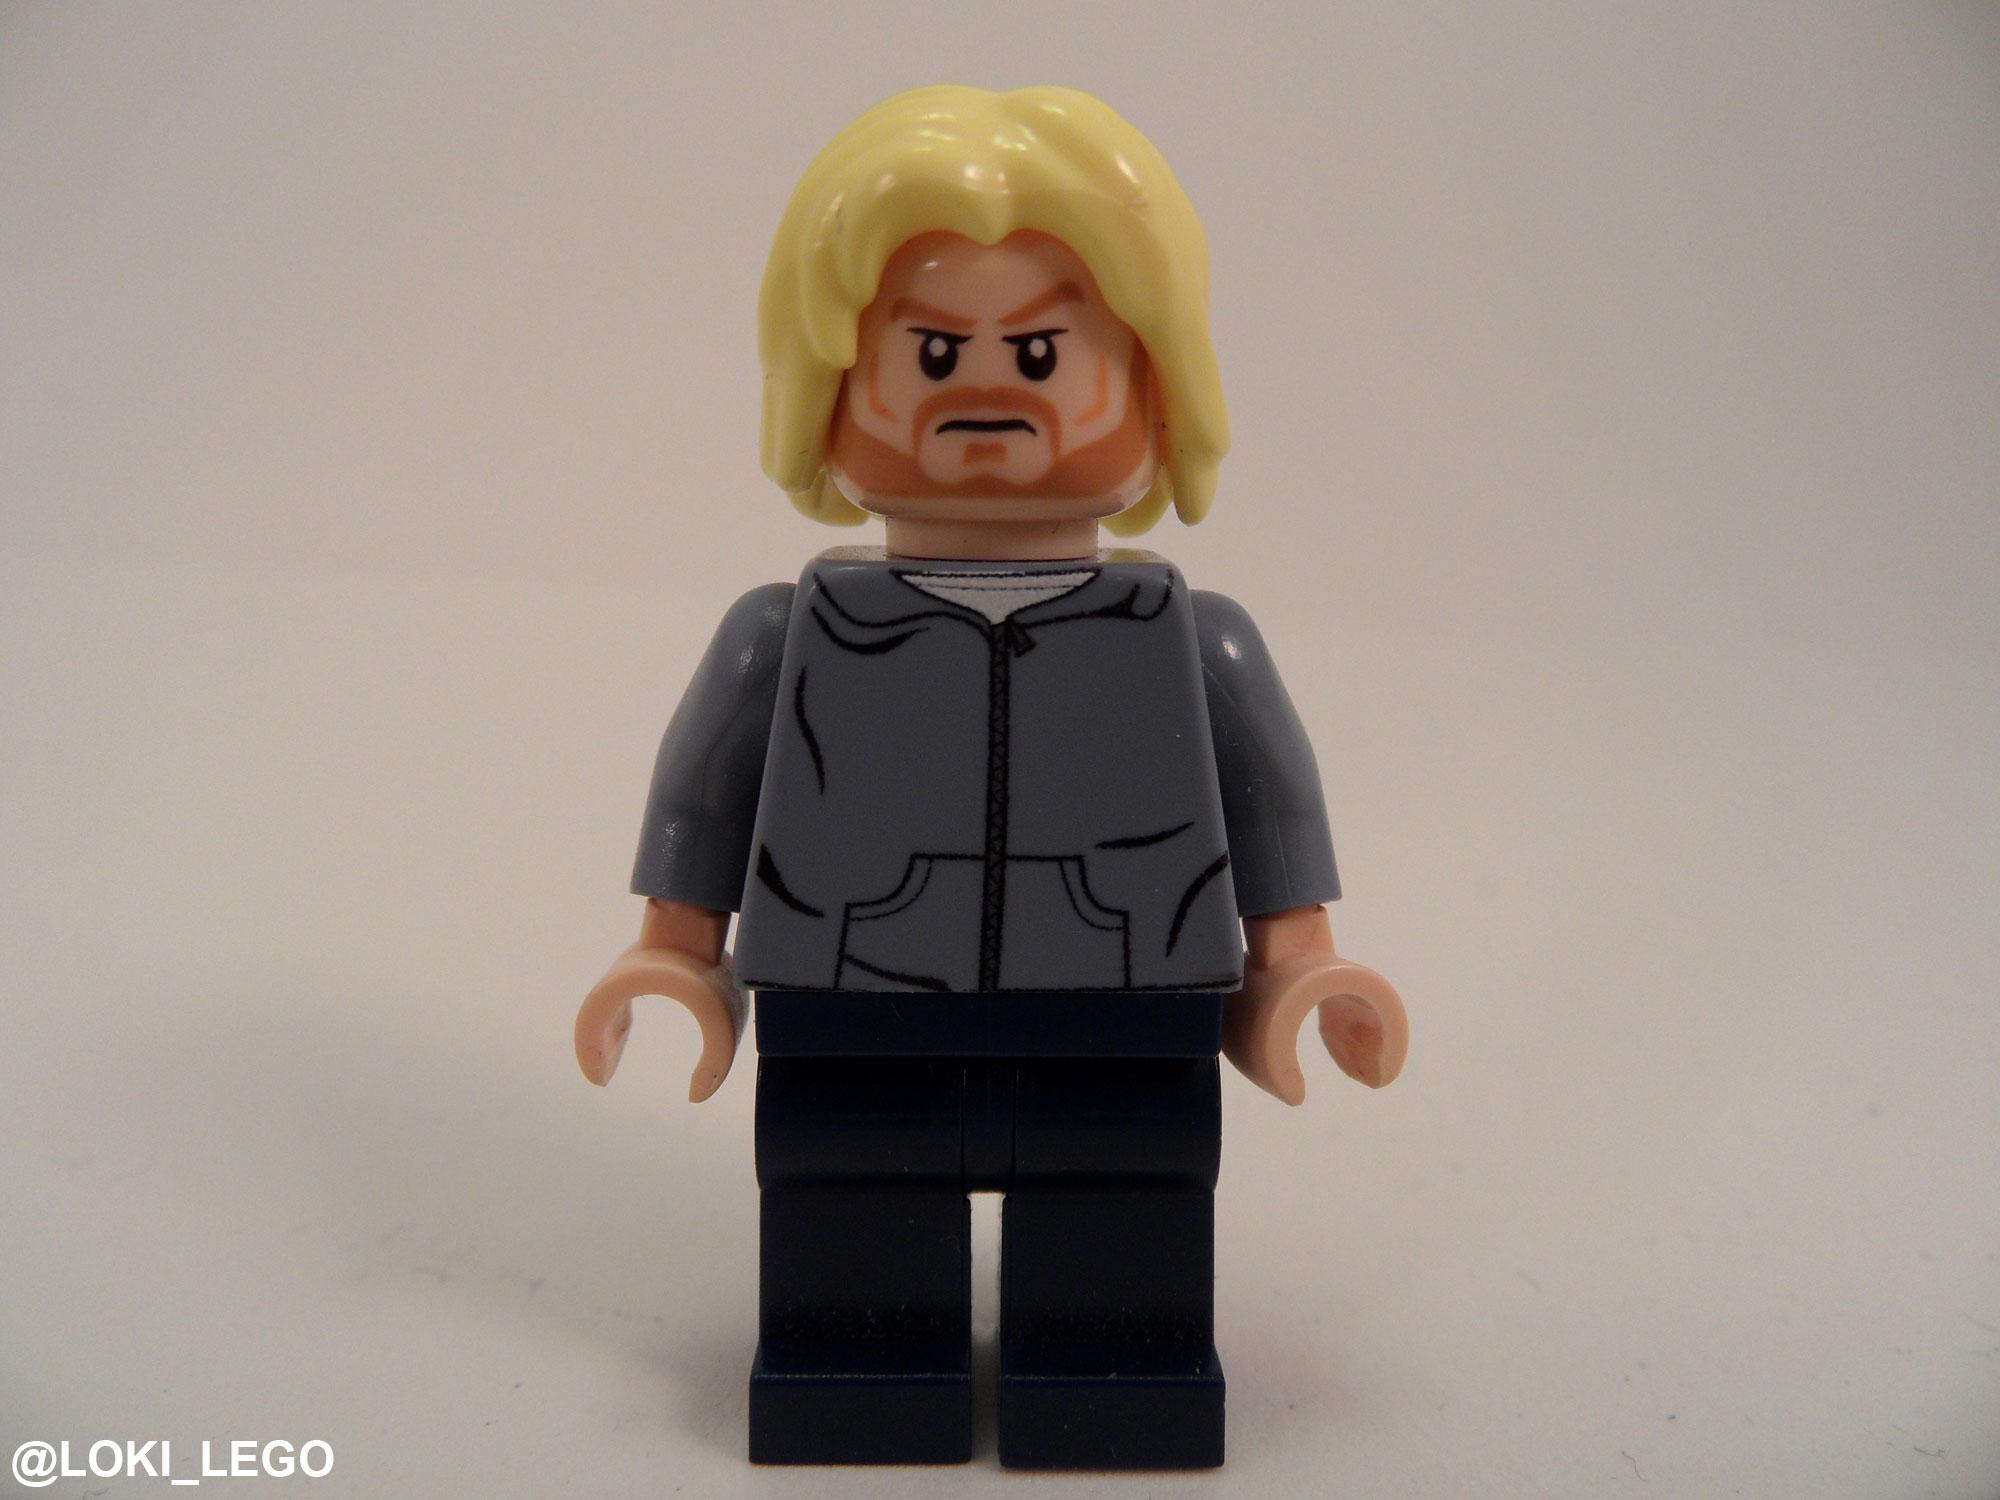 thor-ragnarok-lego-set-7